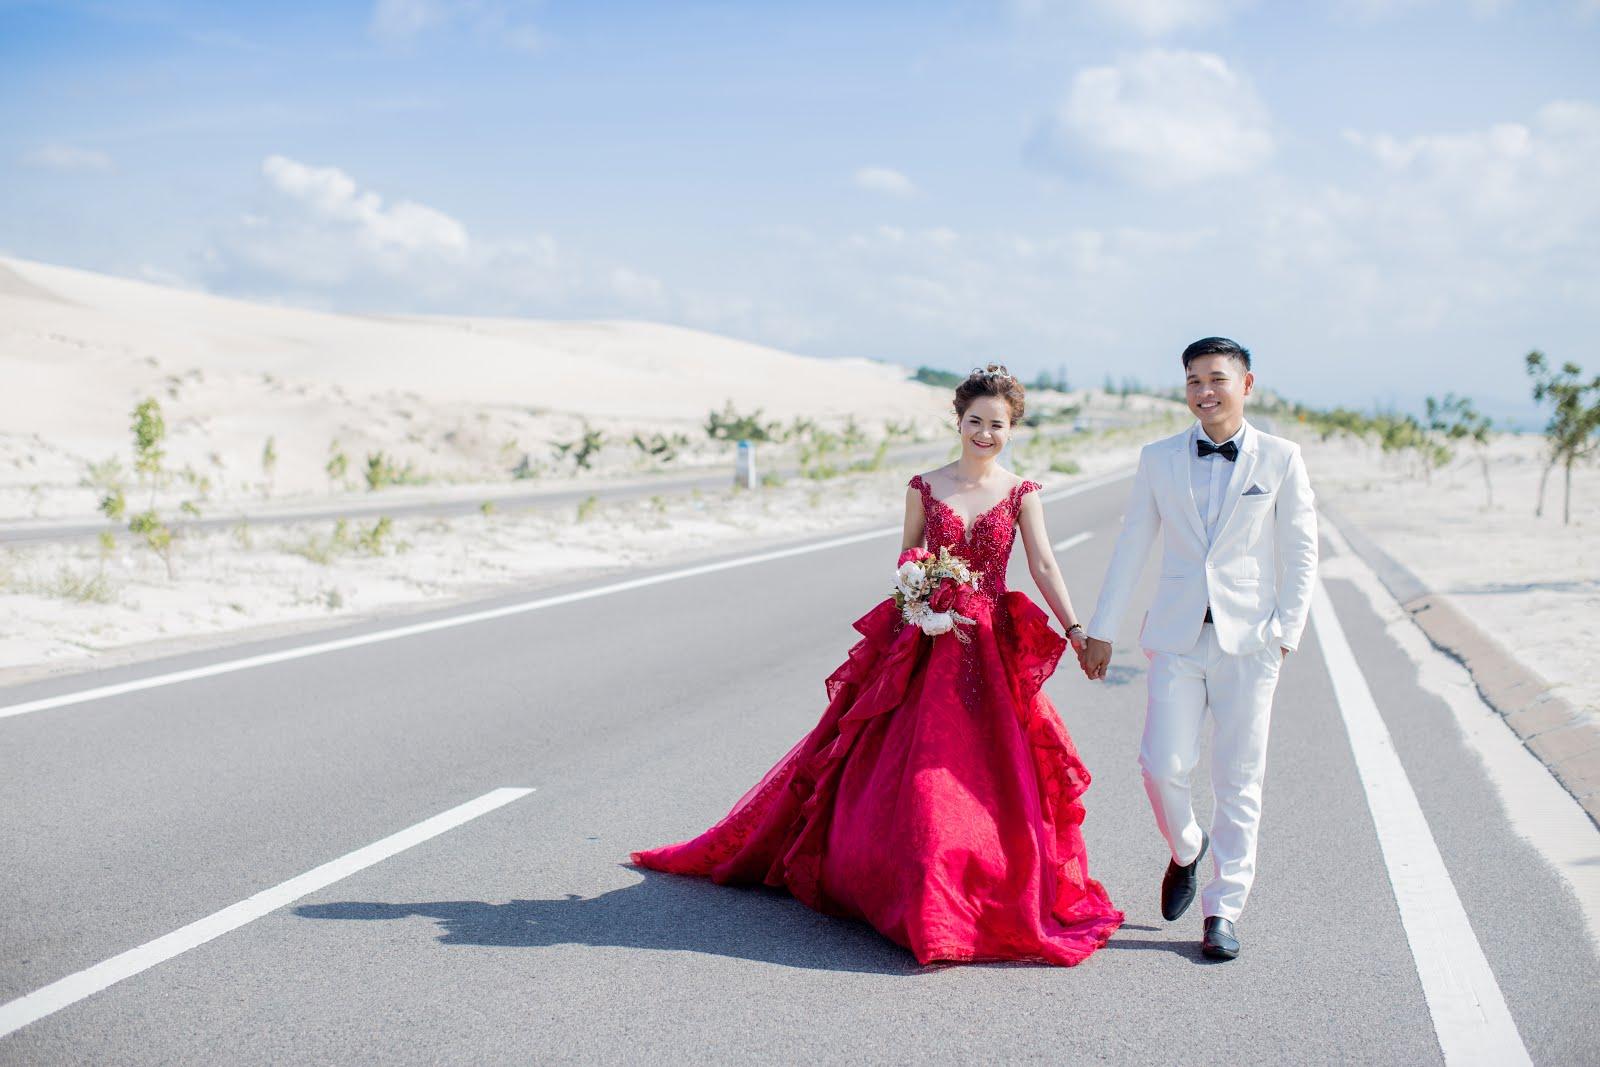 Chụp ảnh cưới ngoại cảnh Mũi Né - Bàu Trắng